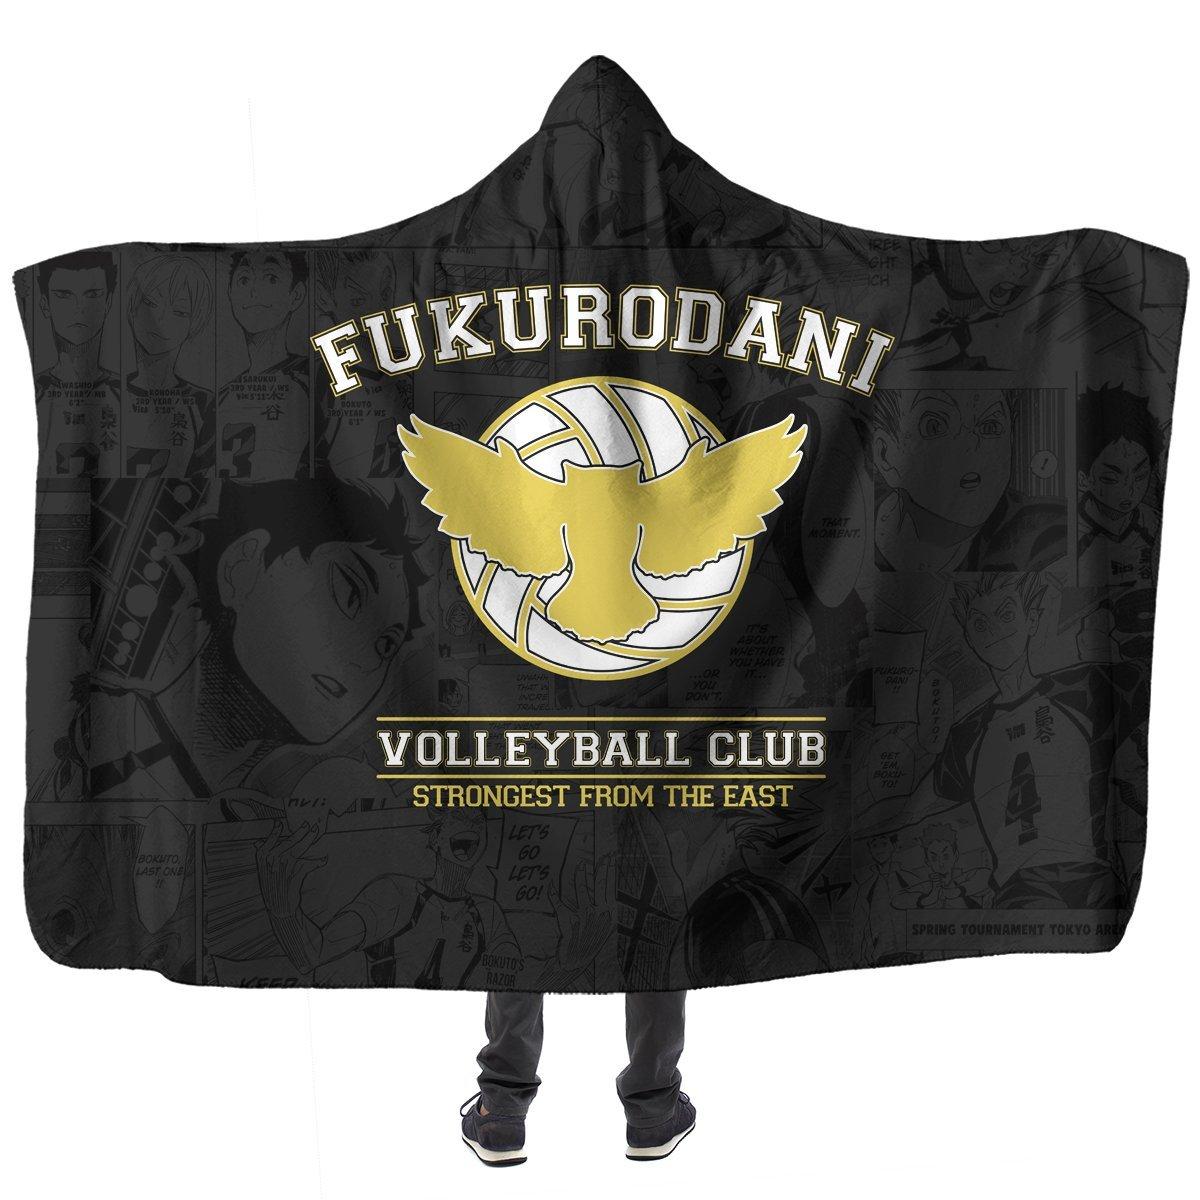 Fukurodani Volleyball Club Hooded Blanket Official Merch FDM3009 Child Official Otaku Treat Merch